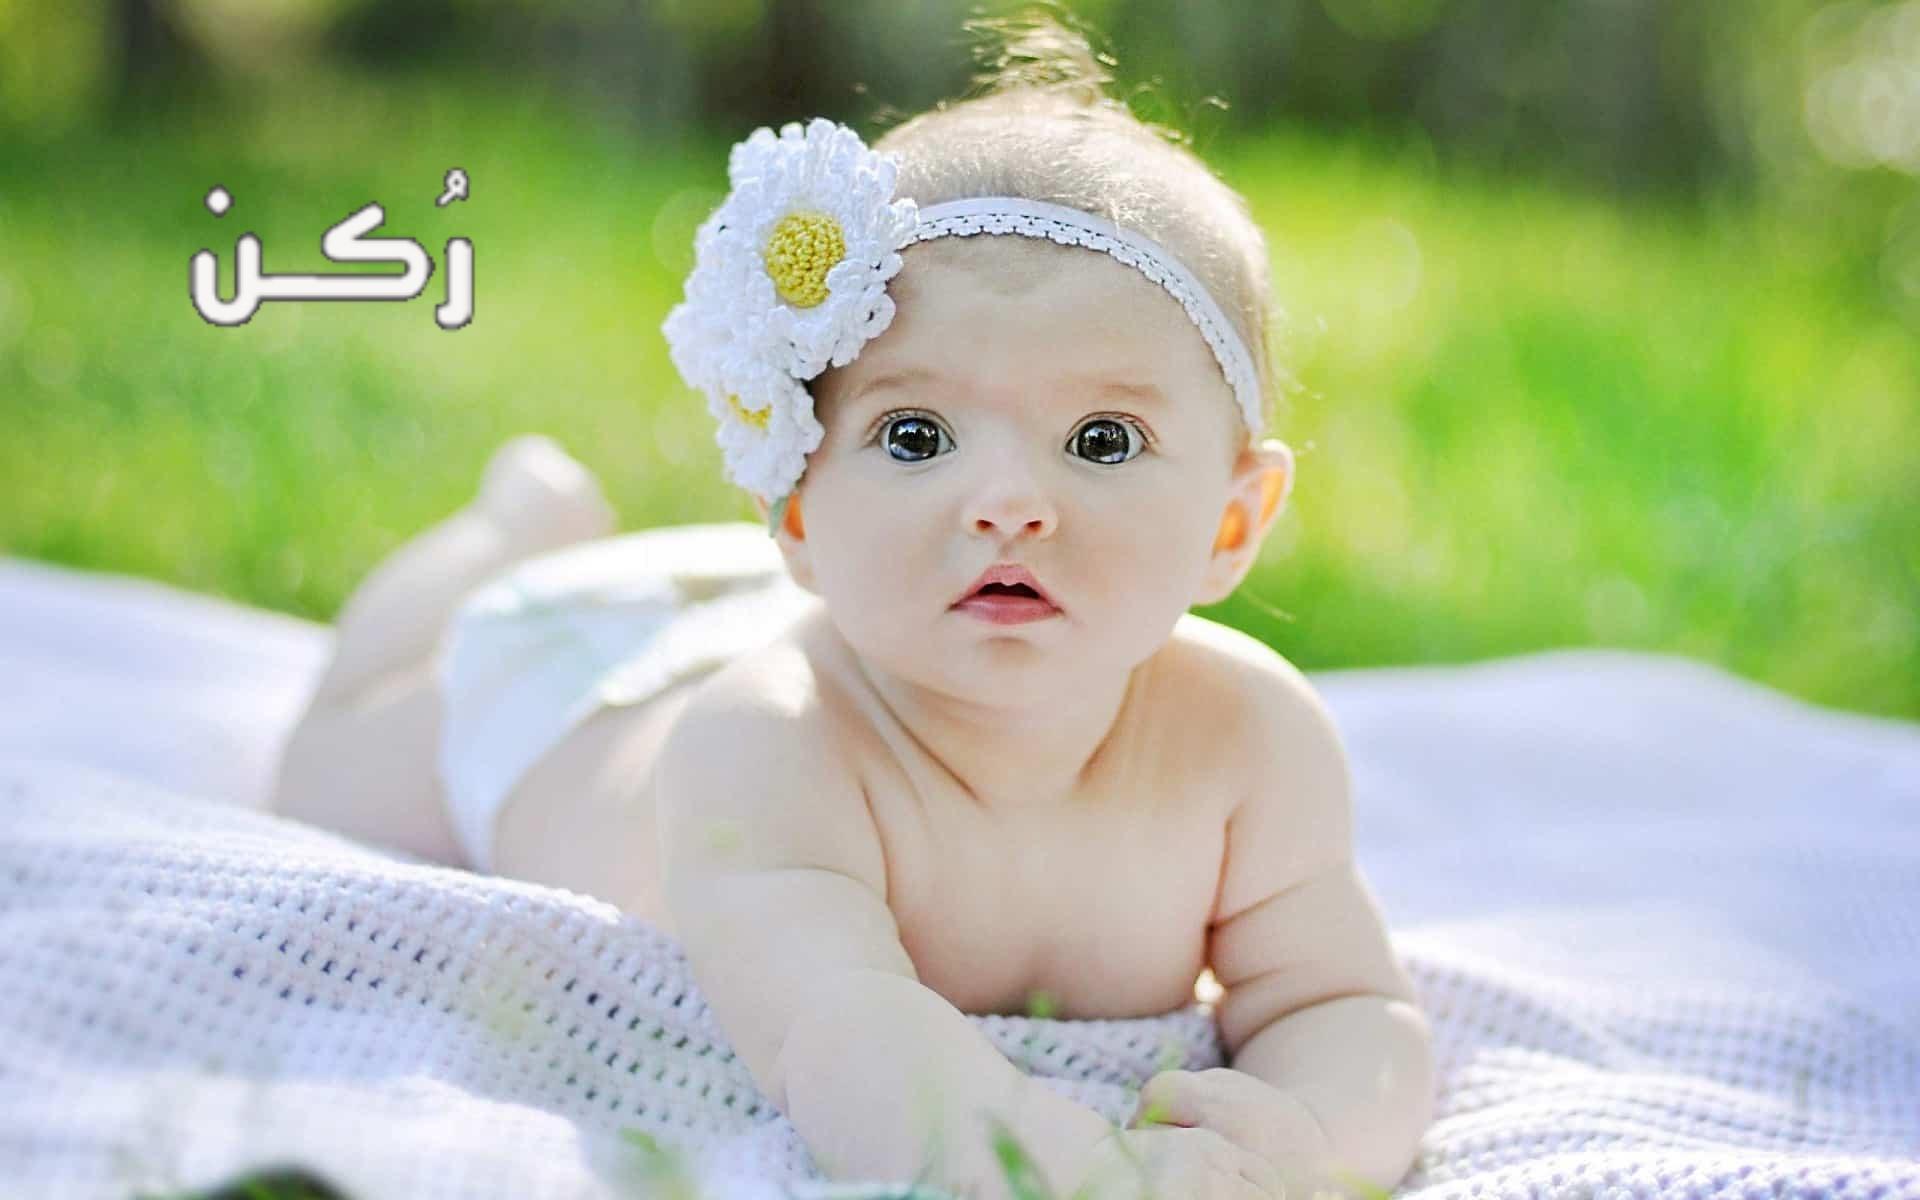 اسماء بنات بحرف الهاء للمواليد الجديدة اسلامية و عربية و تركية ومعانيها